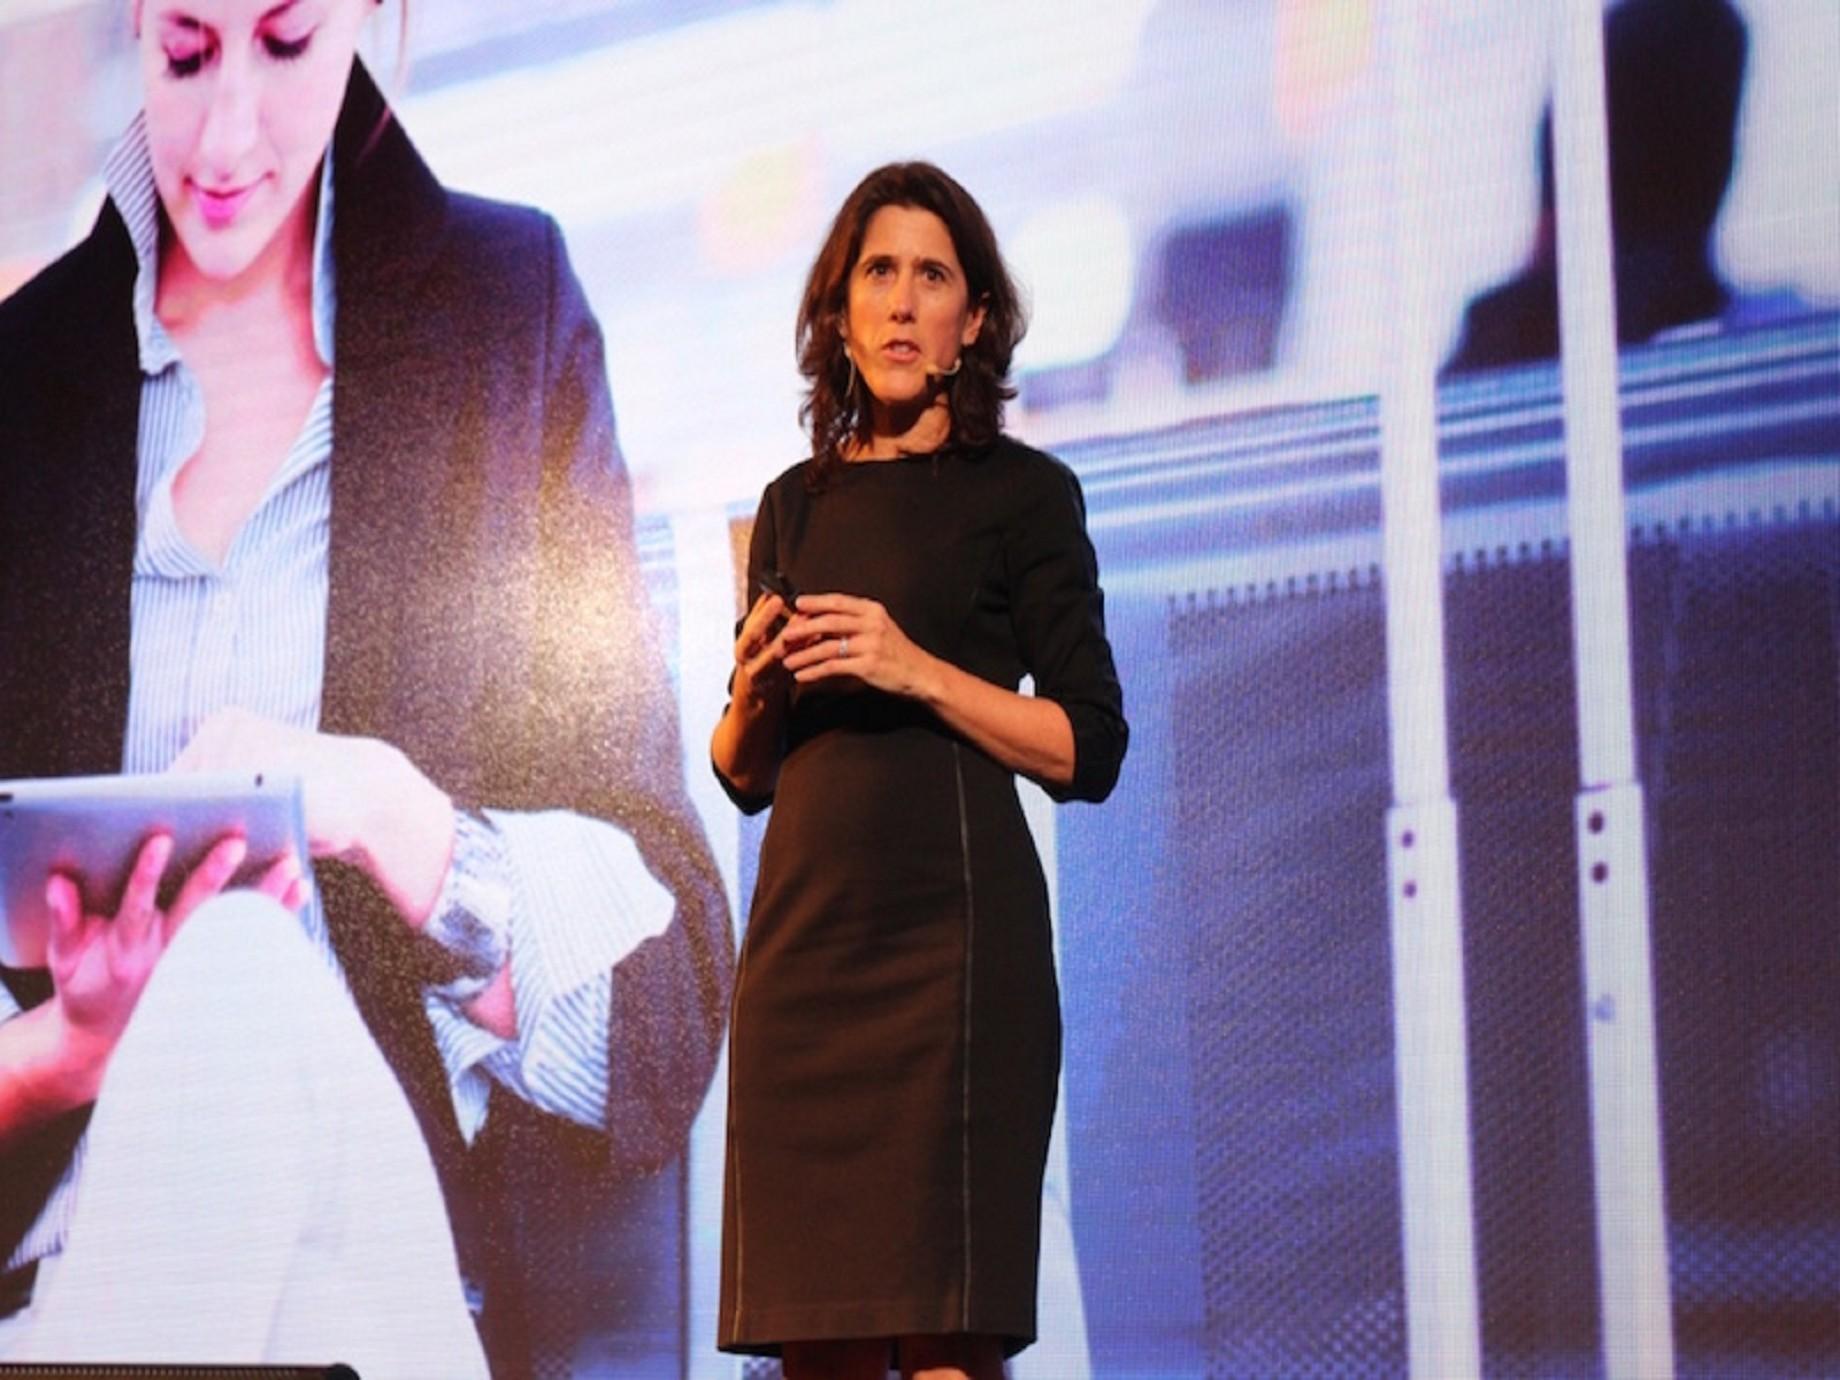 數據比錢還值錢!Yahoo揭示行動、影音、社群與原生廣告策略